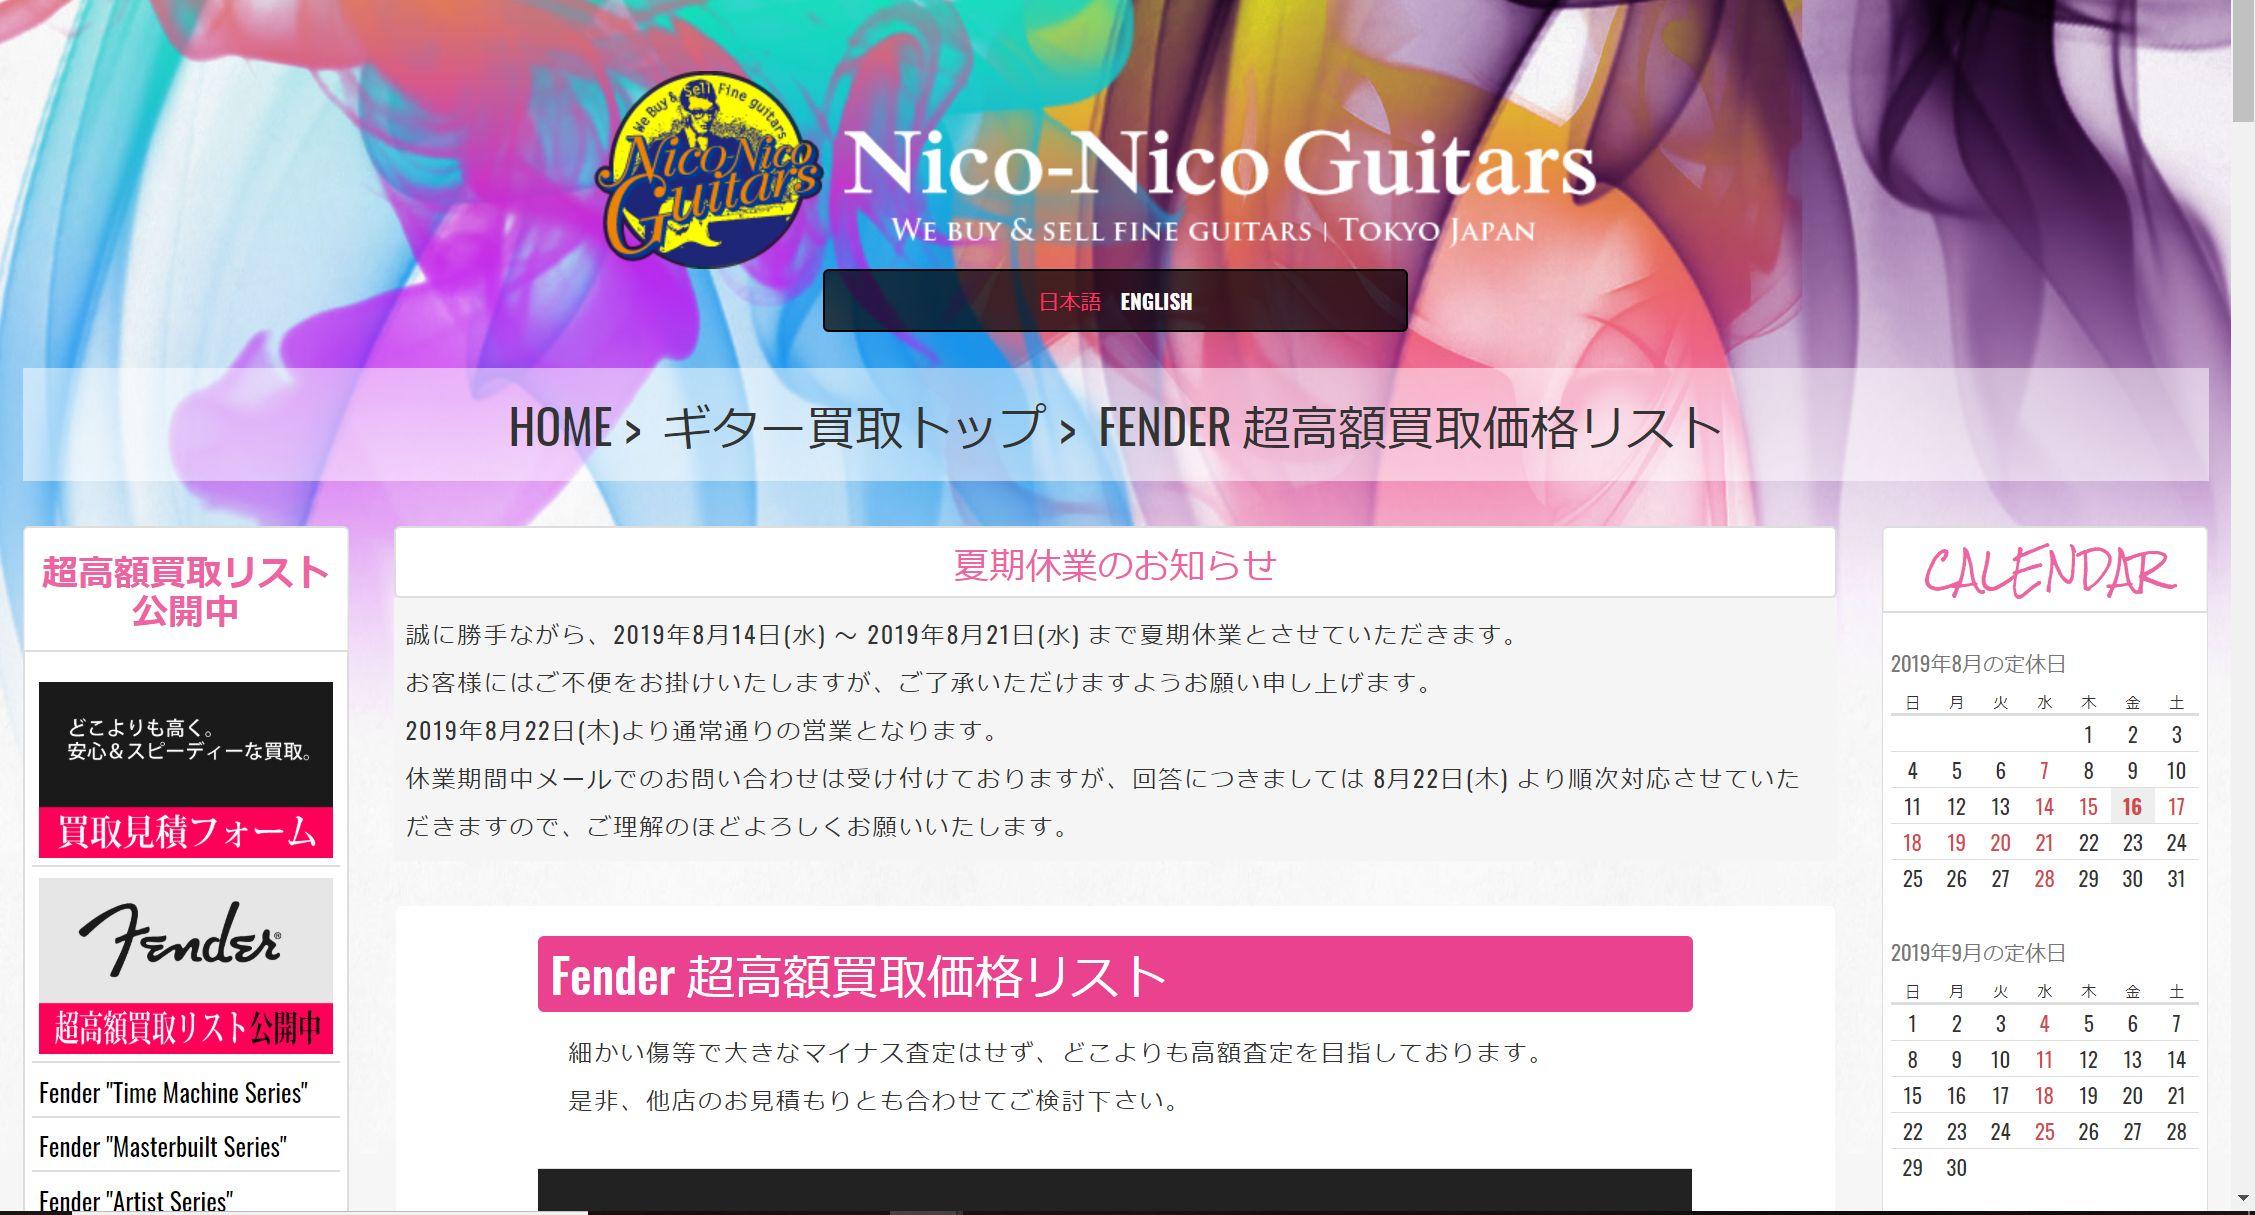 ニコニコギターズのフェンダー買取